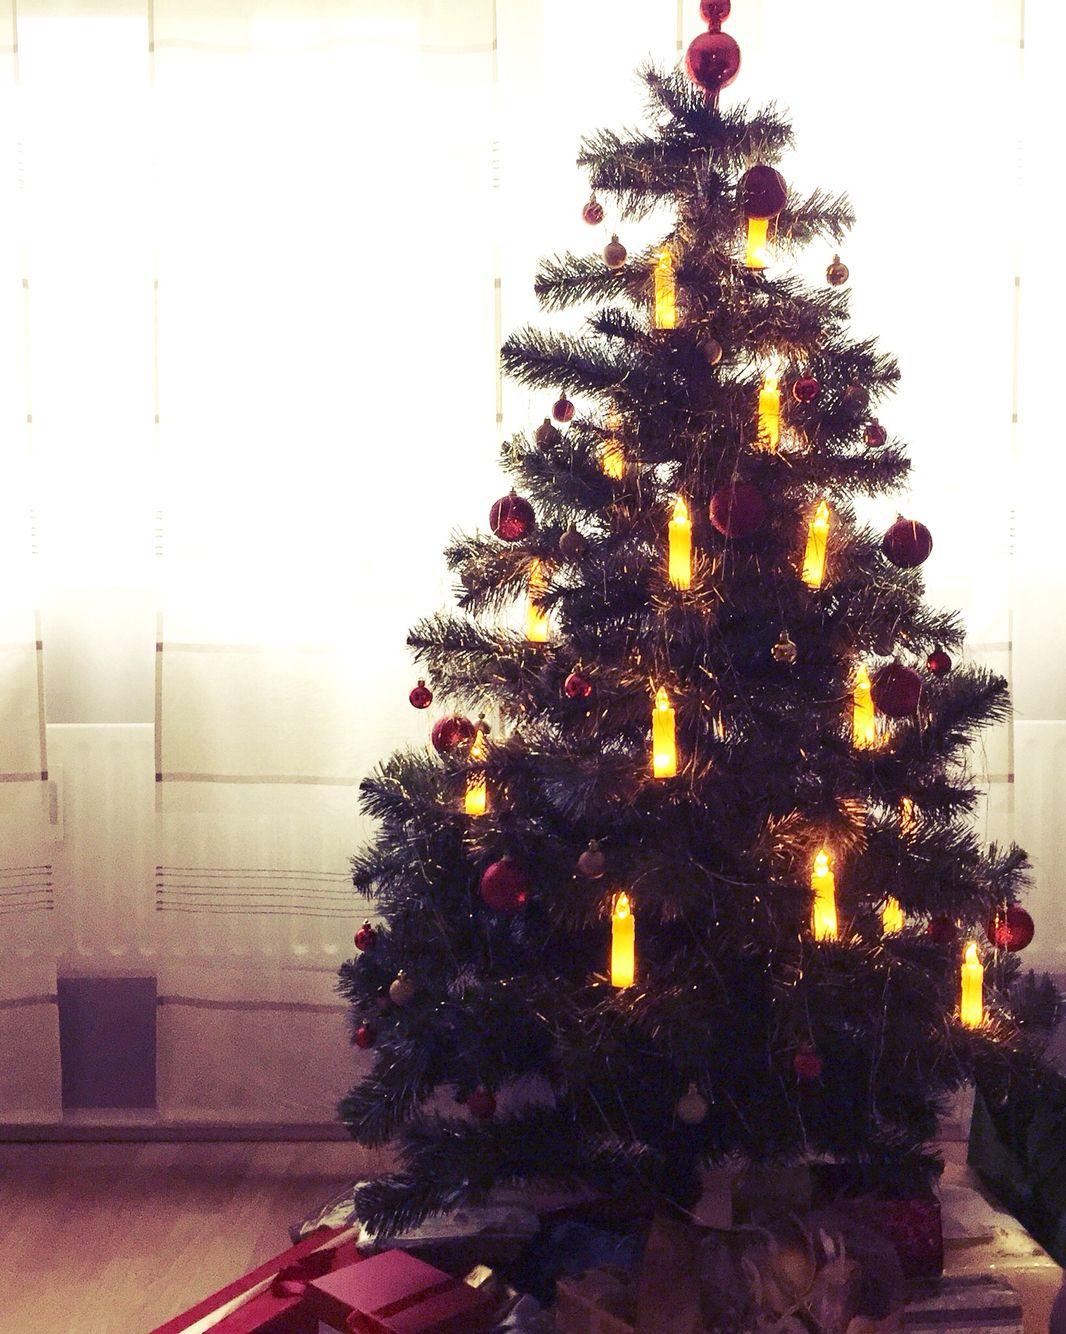 Fröhliche Weihnachten. Merry Christmas